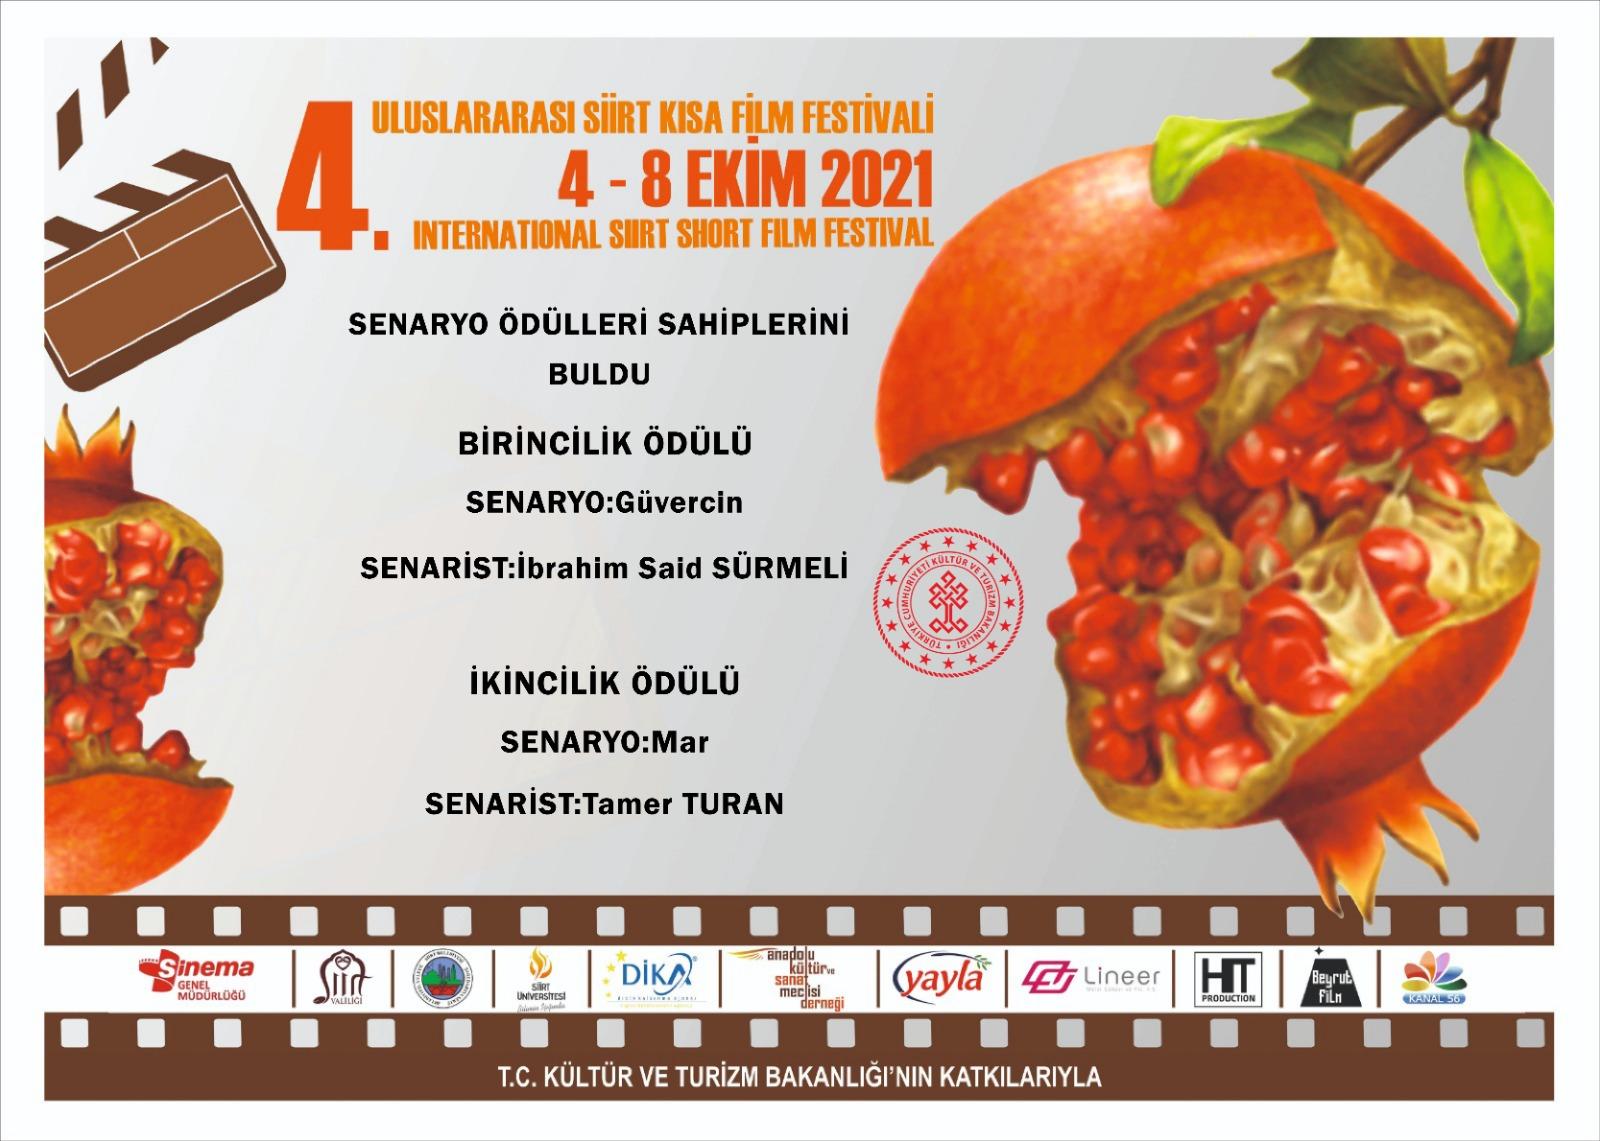 4. Siirt Uluslararası Kısa Film Festivali Senaryo Ödülleri